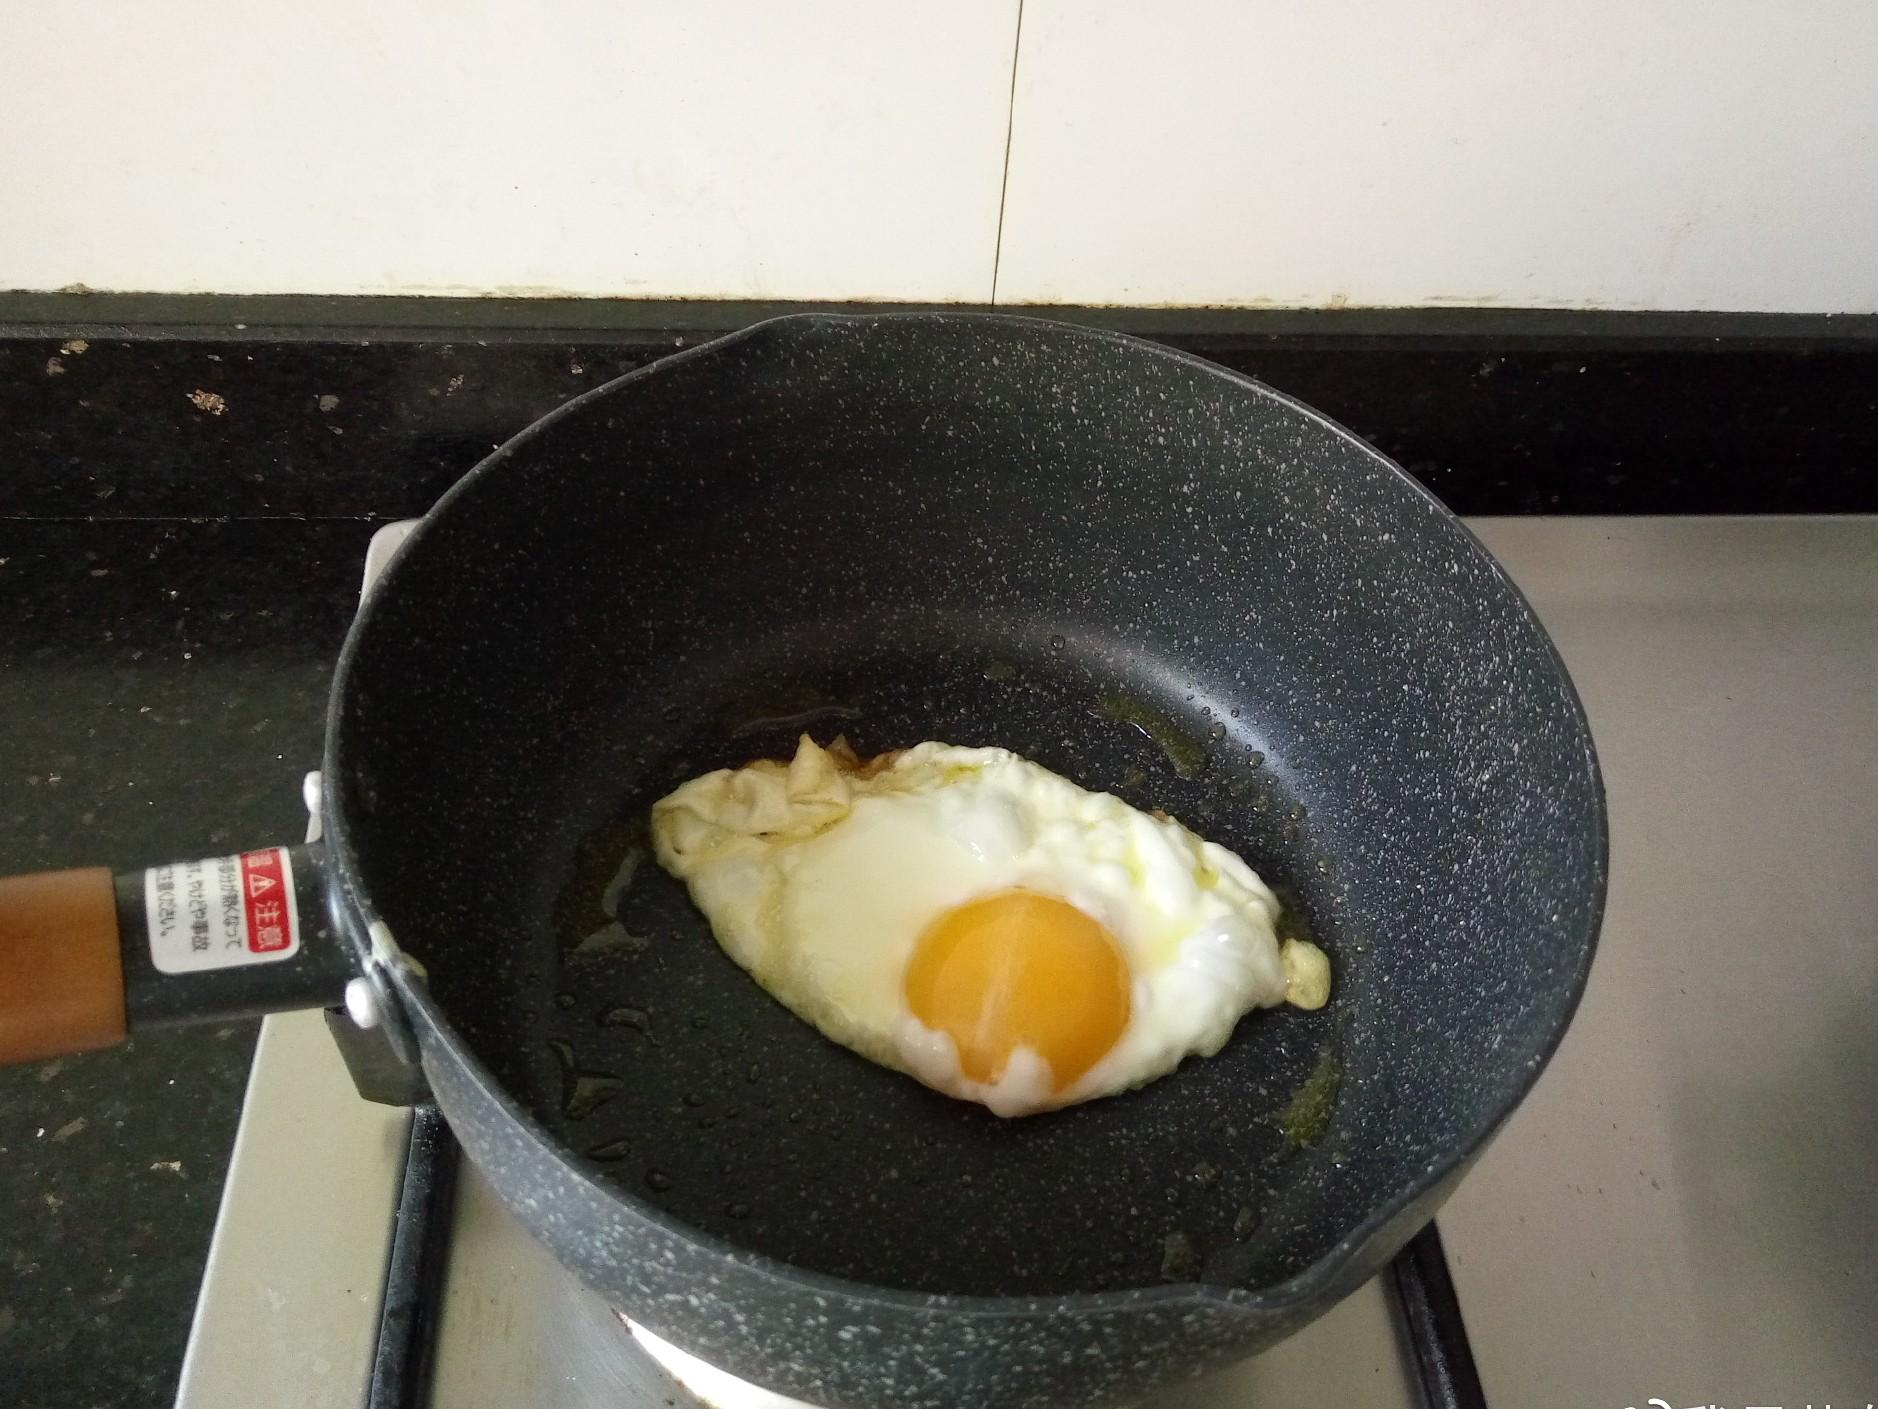 15 phút nấu mì trứng nấm nóng hổi cho bữa sáng ngon bất ngờ